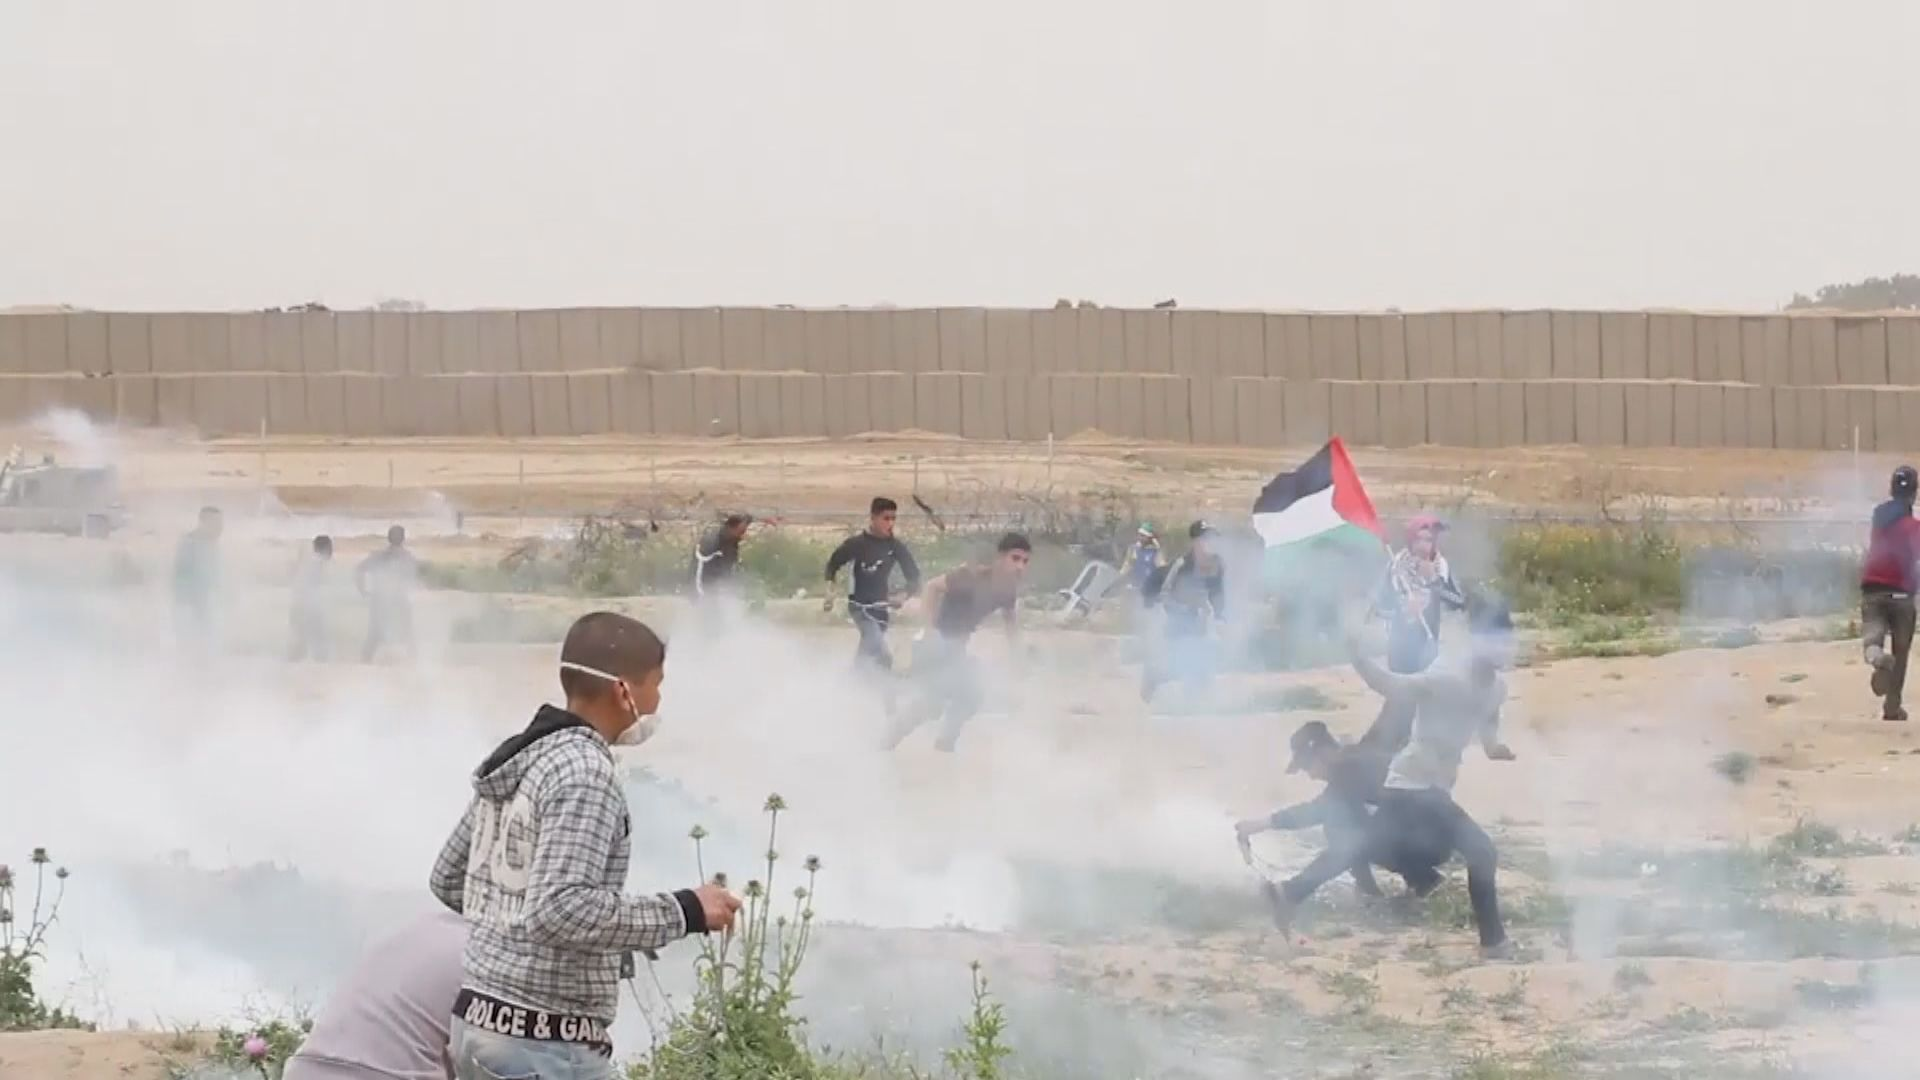 據報以軍亦用實彈及橡膠子彈驅趕示威者